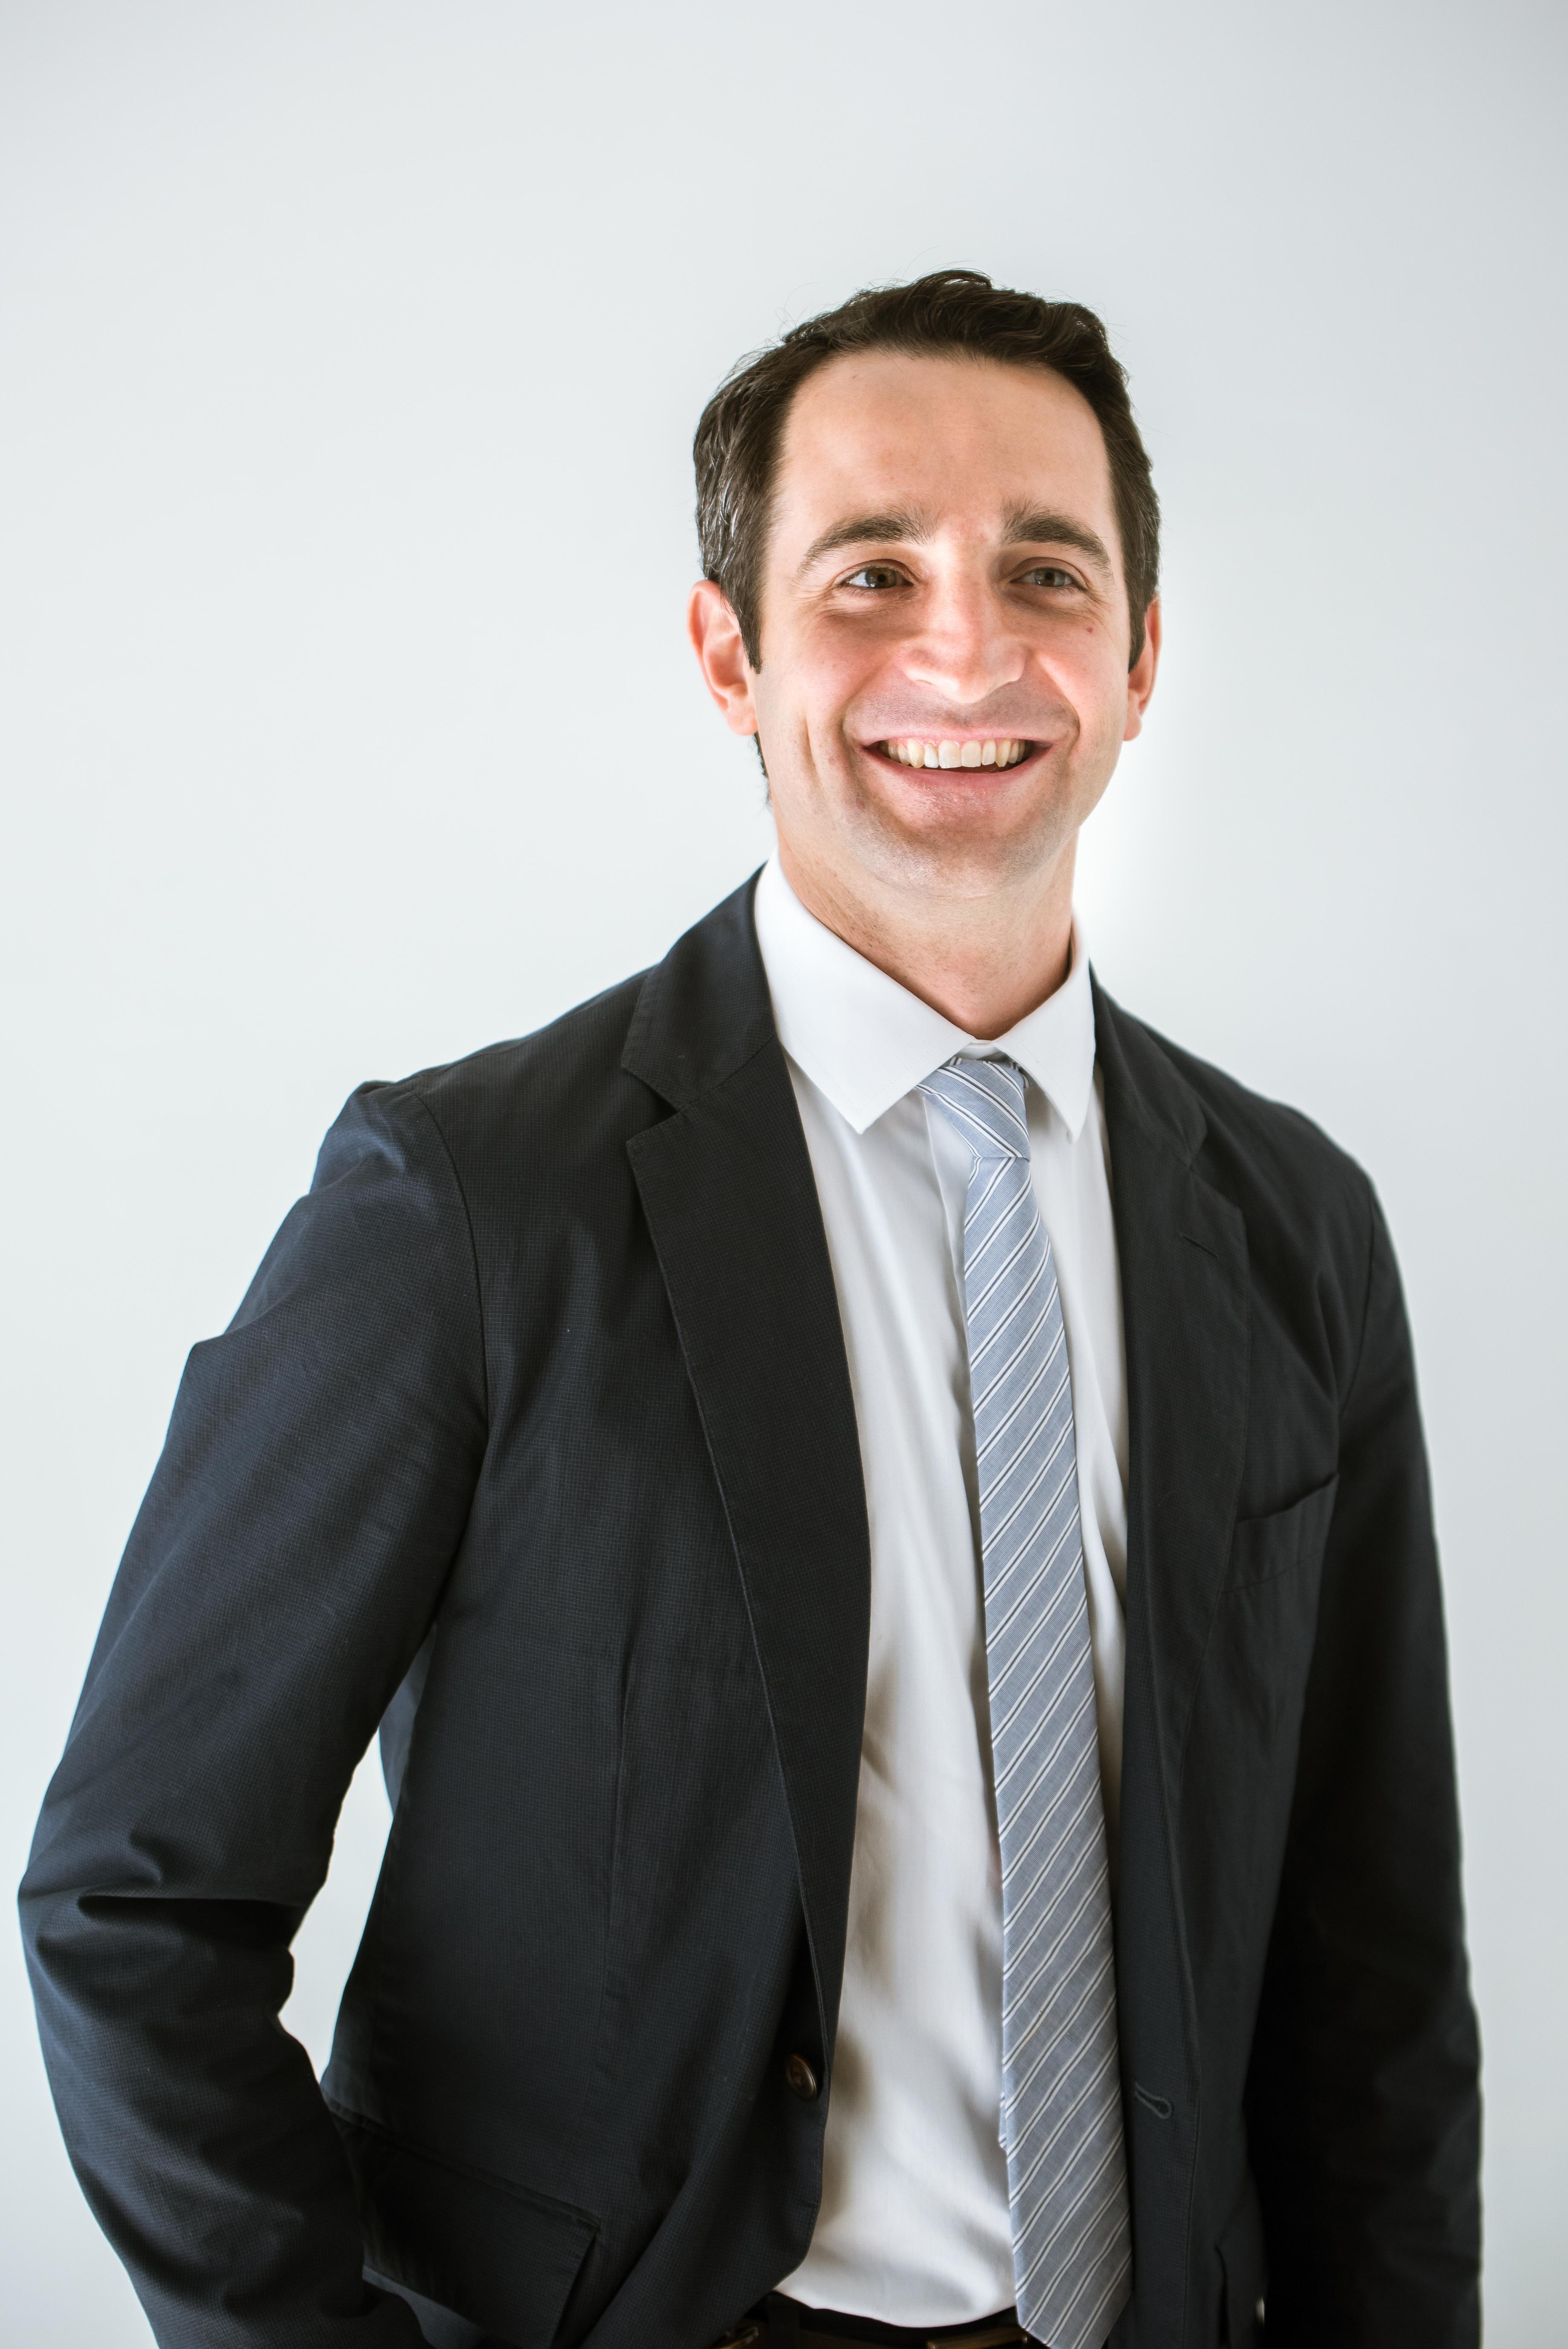 Michael Luciano